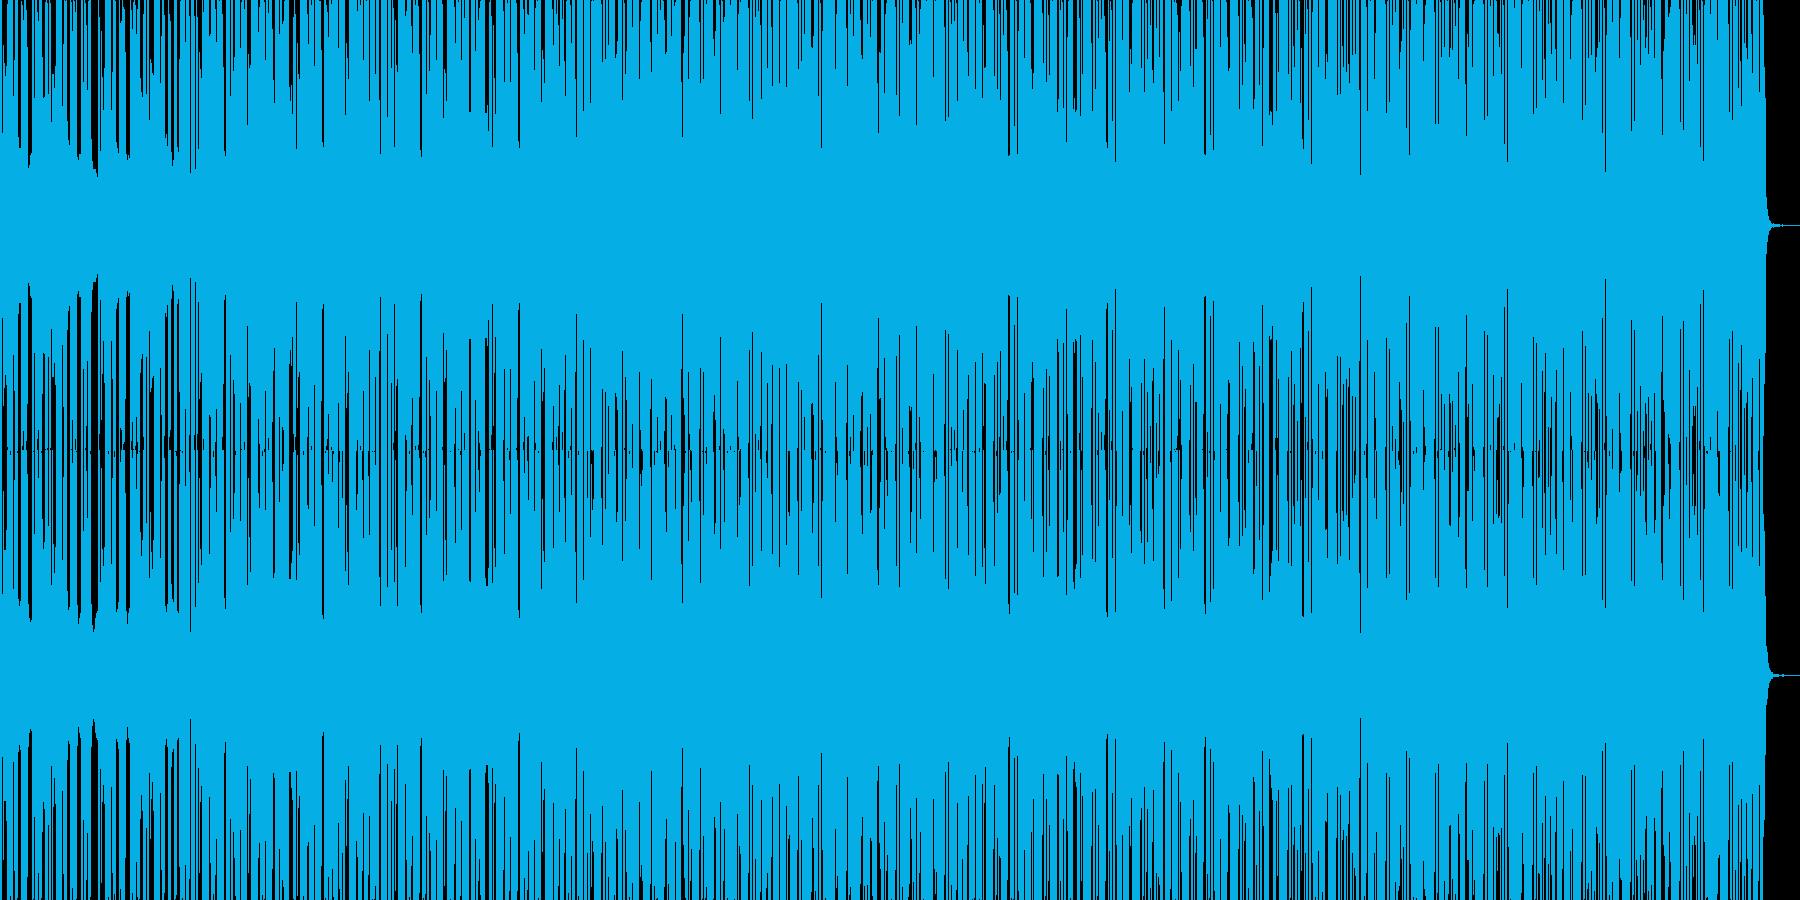 HIP HOP BEAT 02の再生済みの波形